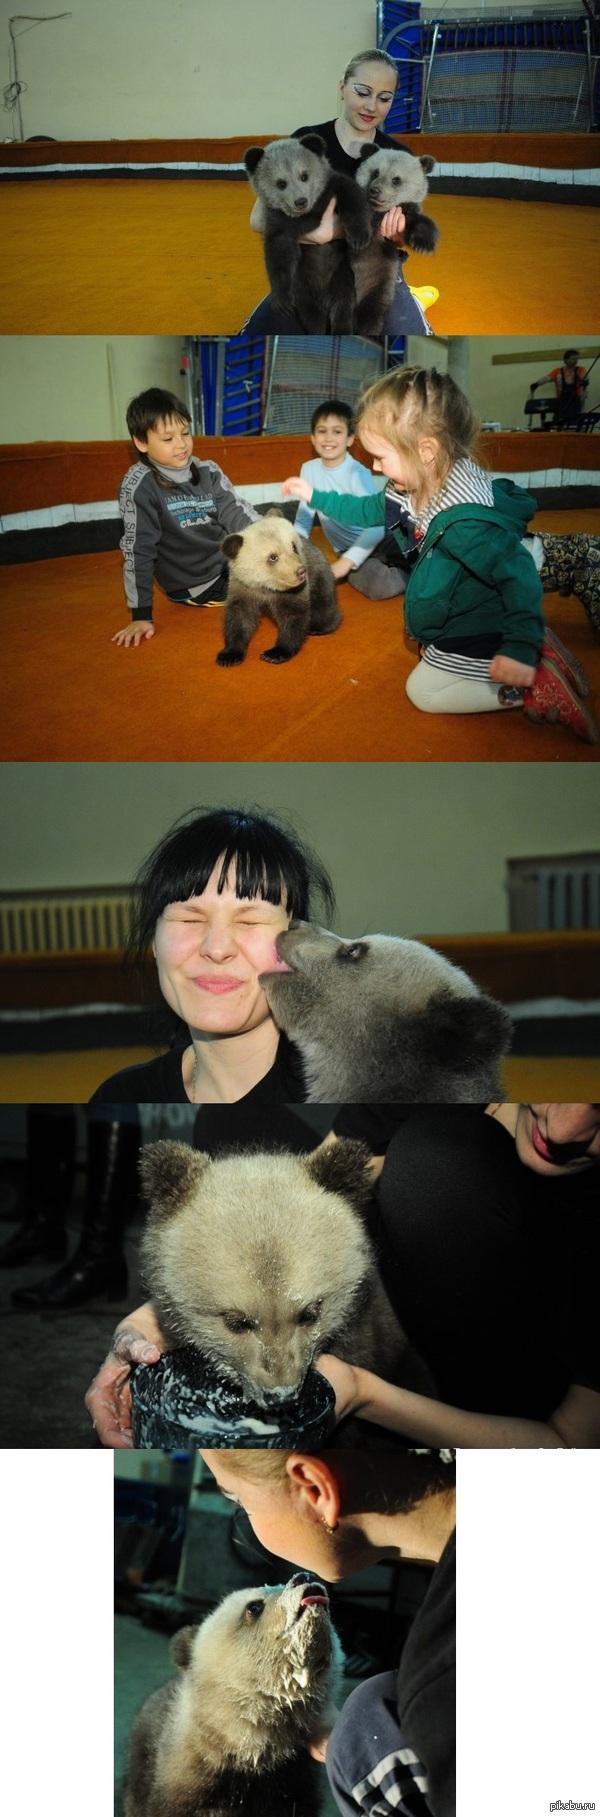 Двух маленьких медвежаток обнаружили в тайге Обнаружили в семистах километрах от Екатеринбурга. Берлога была раскурочена, а медведицы на месте не было.  З.Ы.: Знаю знаю Paint master, сильно не пинайтесь